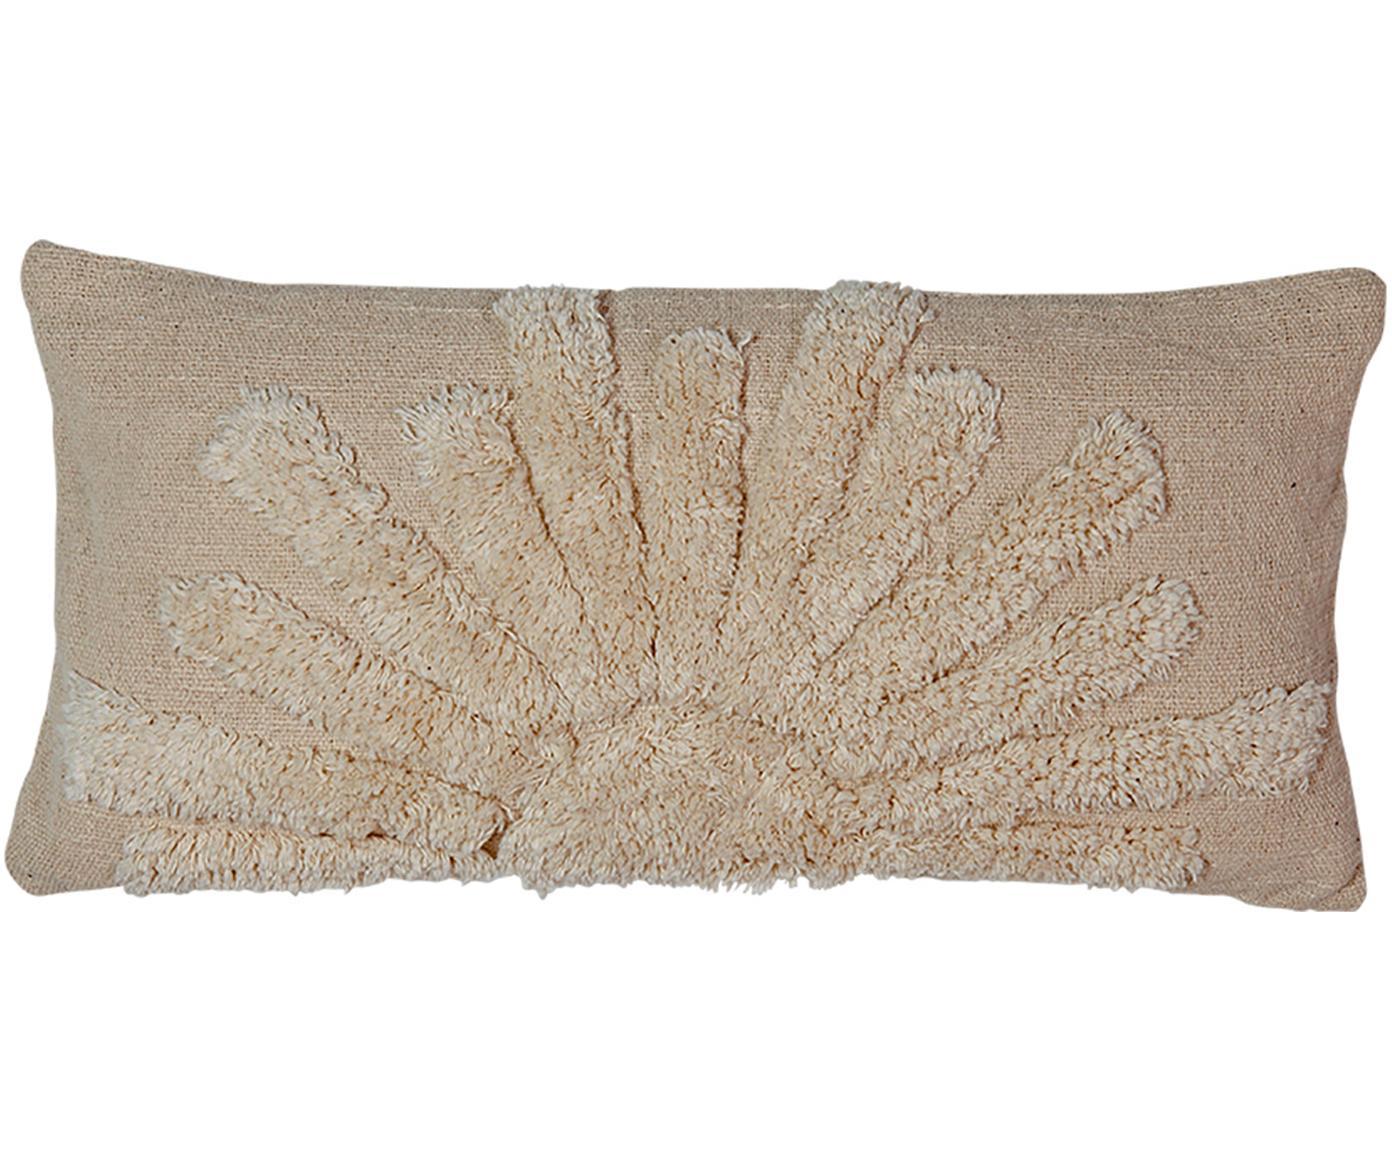 Grob gewebte Kissenhülle Sunrise aus Bio-Baumwolle, 100% Bio-Baumwolle, Beige, 30 x 60 cm